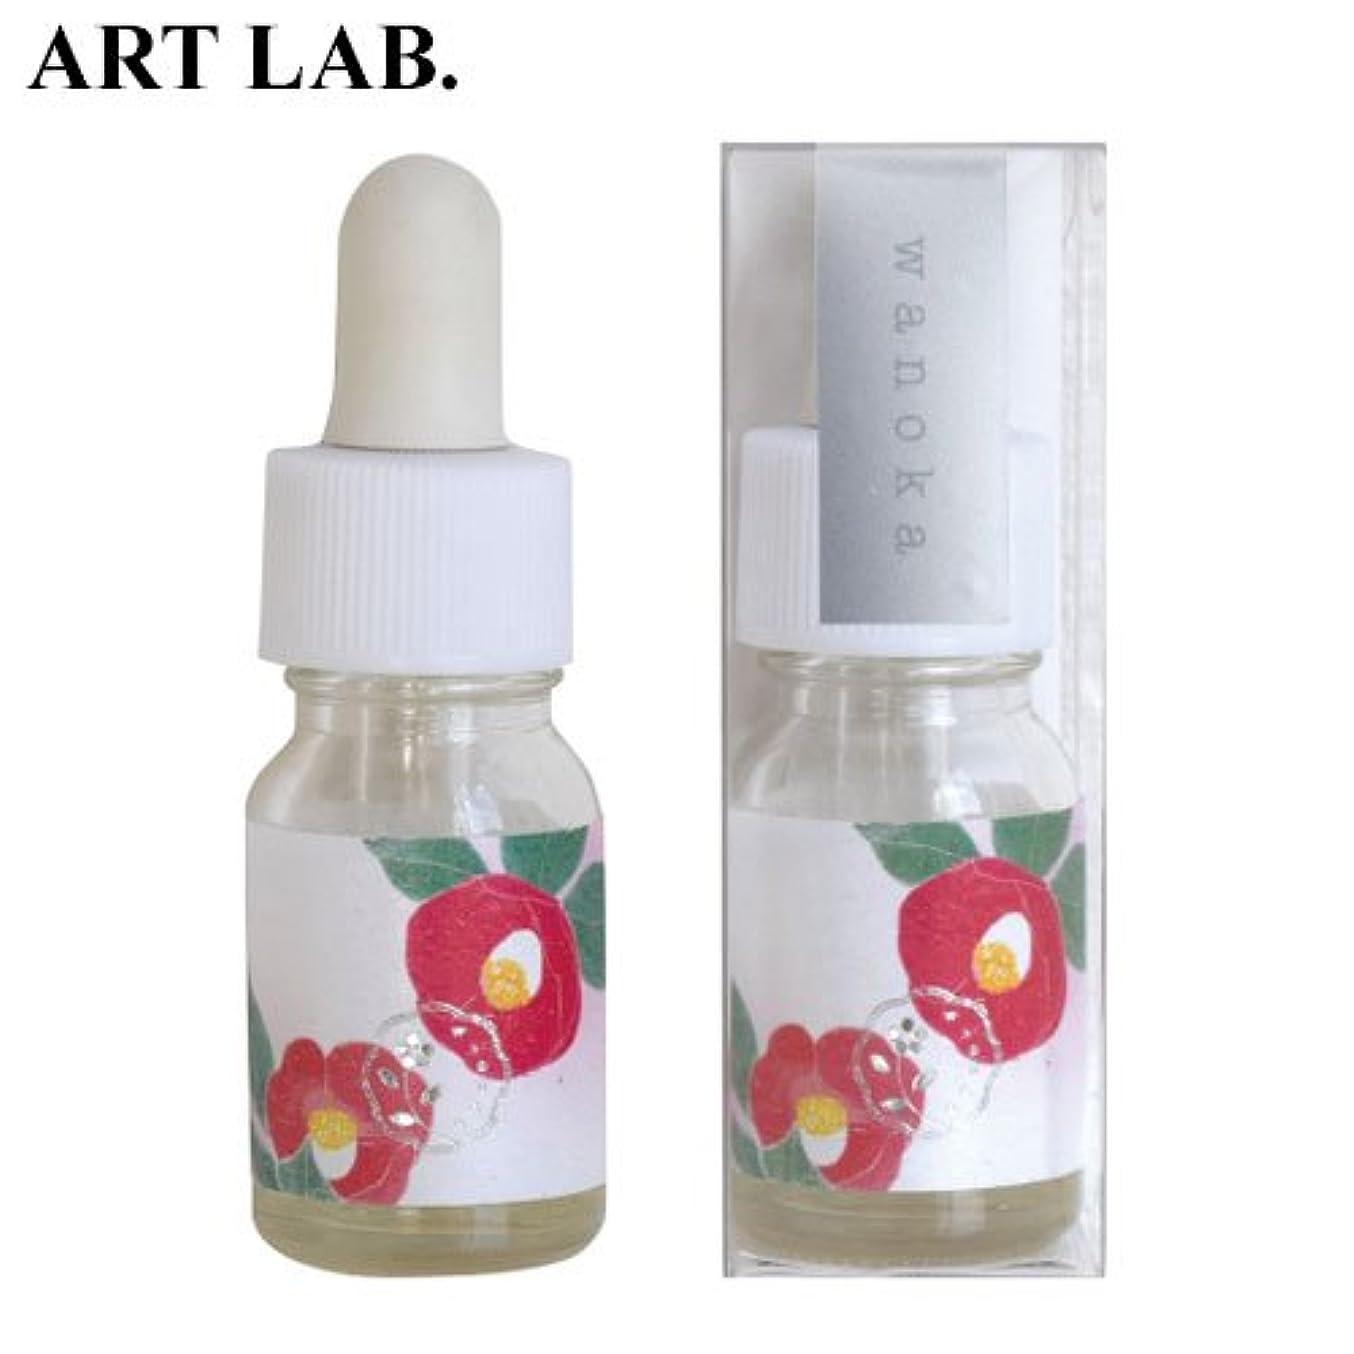 典型的な窓を洗う普通にwanoka香油アロマオイル椿《おしとやかで深みのある香り》ART LABAromatic oil